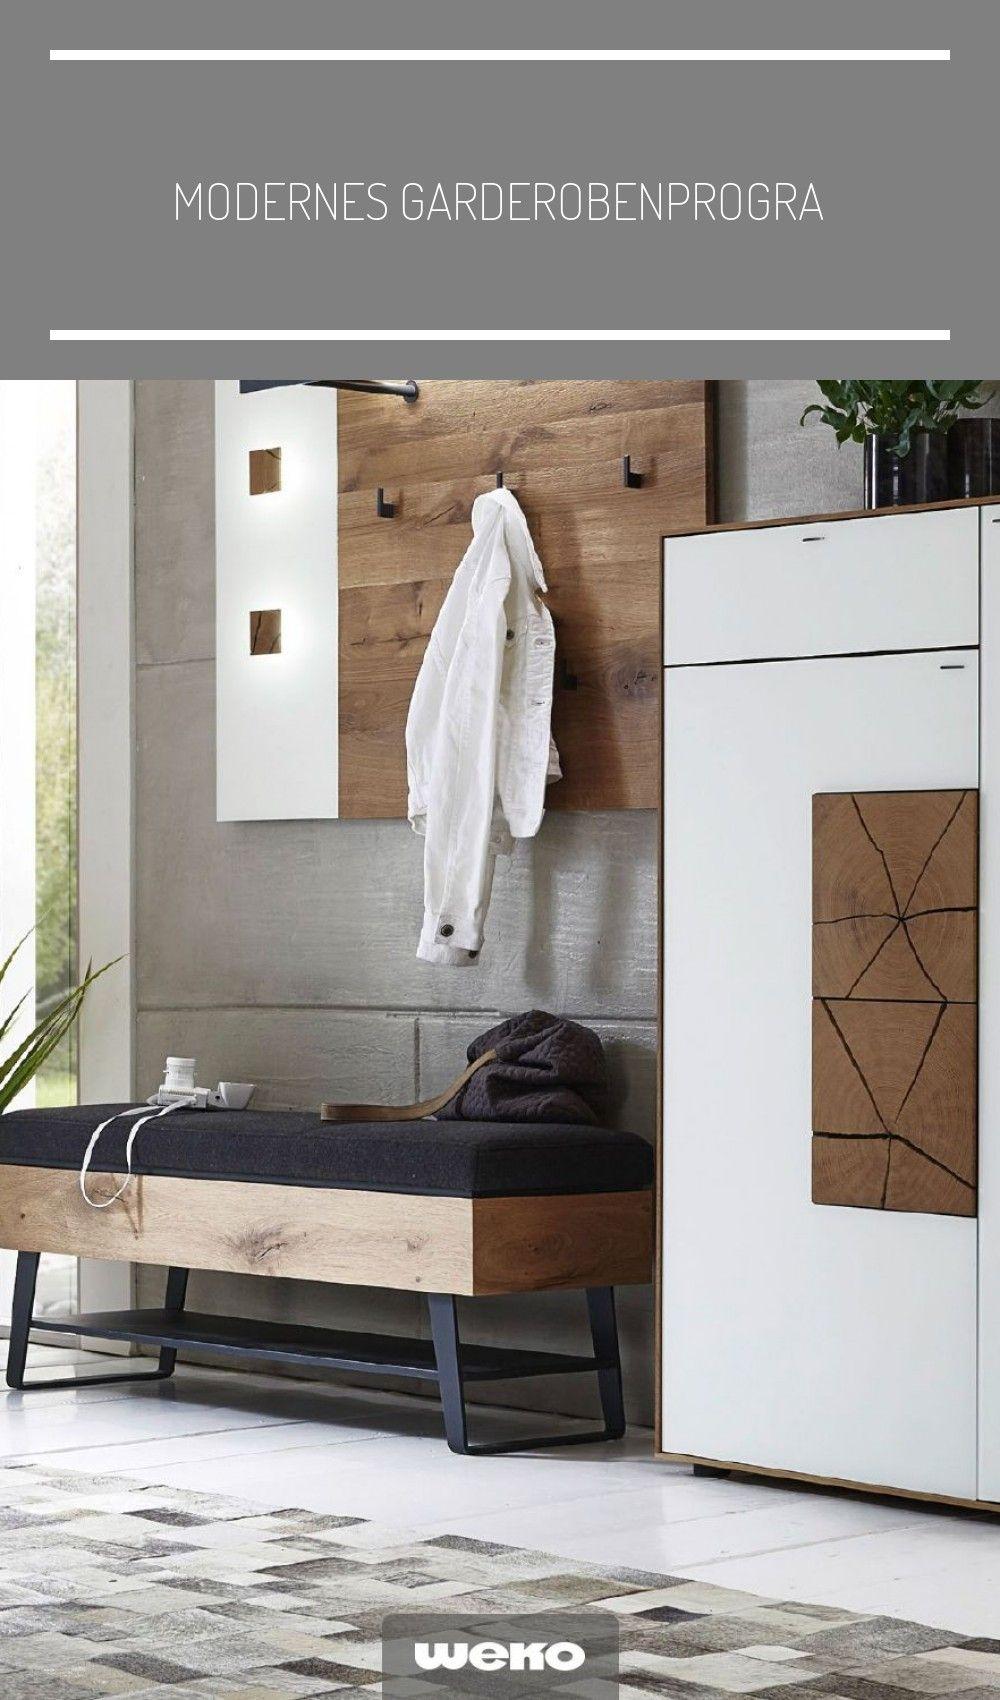 Modernes Garderobenprogramm In Kerneiche Geburstet Stauraum Flur Diele Garderobe Eiche Massiv Massivholz Modern Kom In 2020 Home Decor Motif Design Furniture